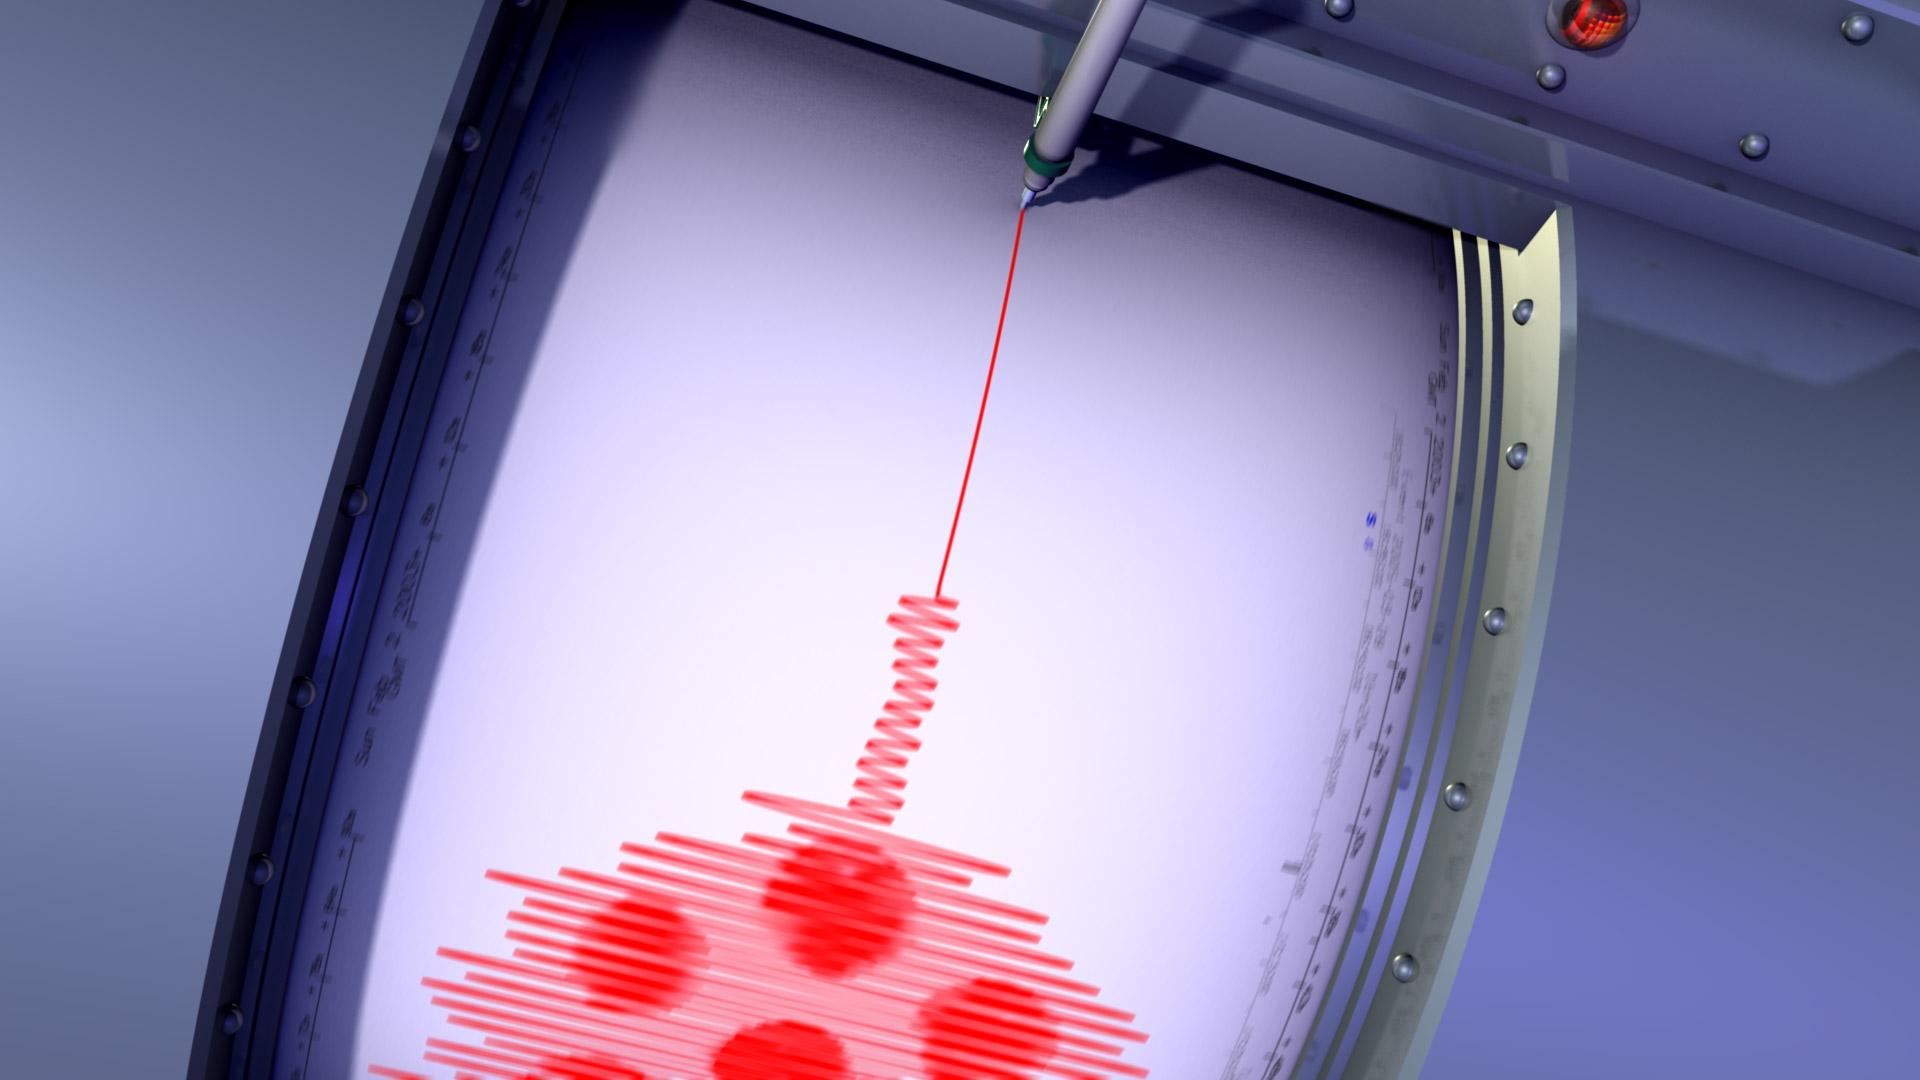 The Tube Music Network Seismic Branding Video